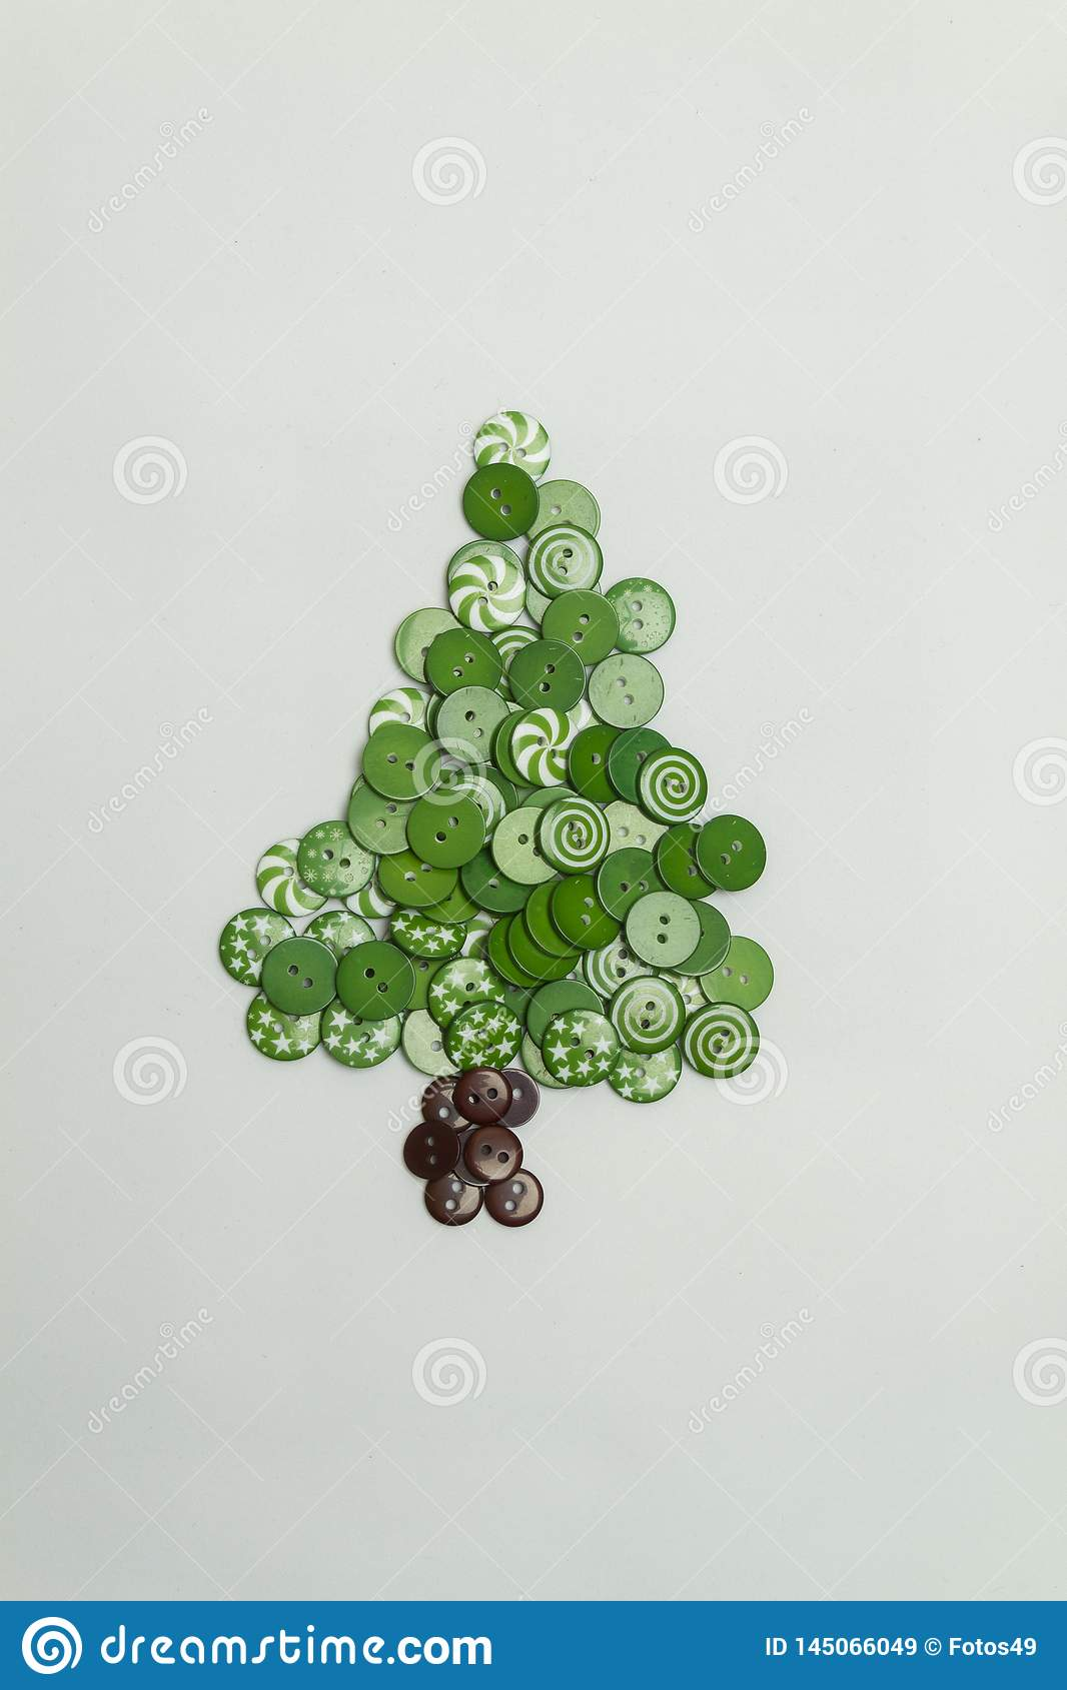 用五颜六色的按钮做的圣诞树在白色背景